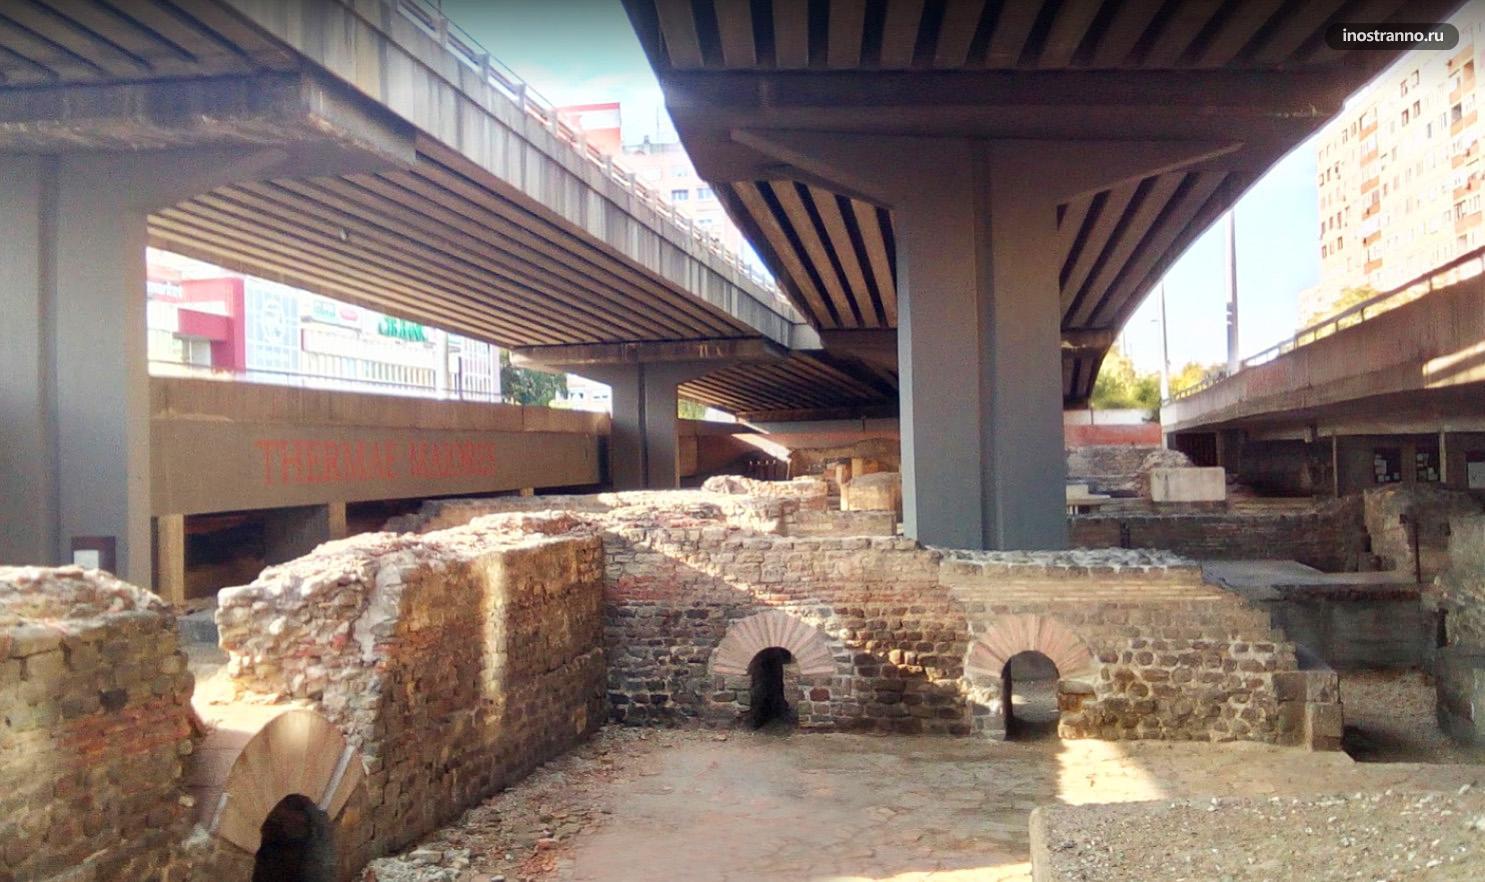 Терма Майорес развалины античного города в Будапеште